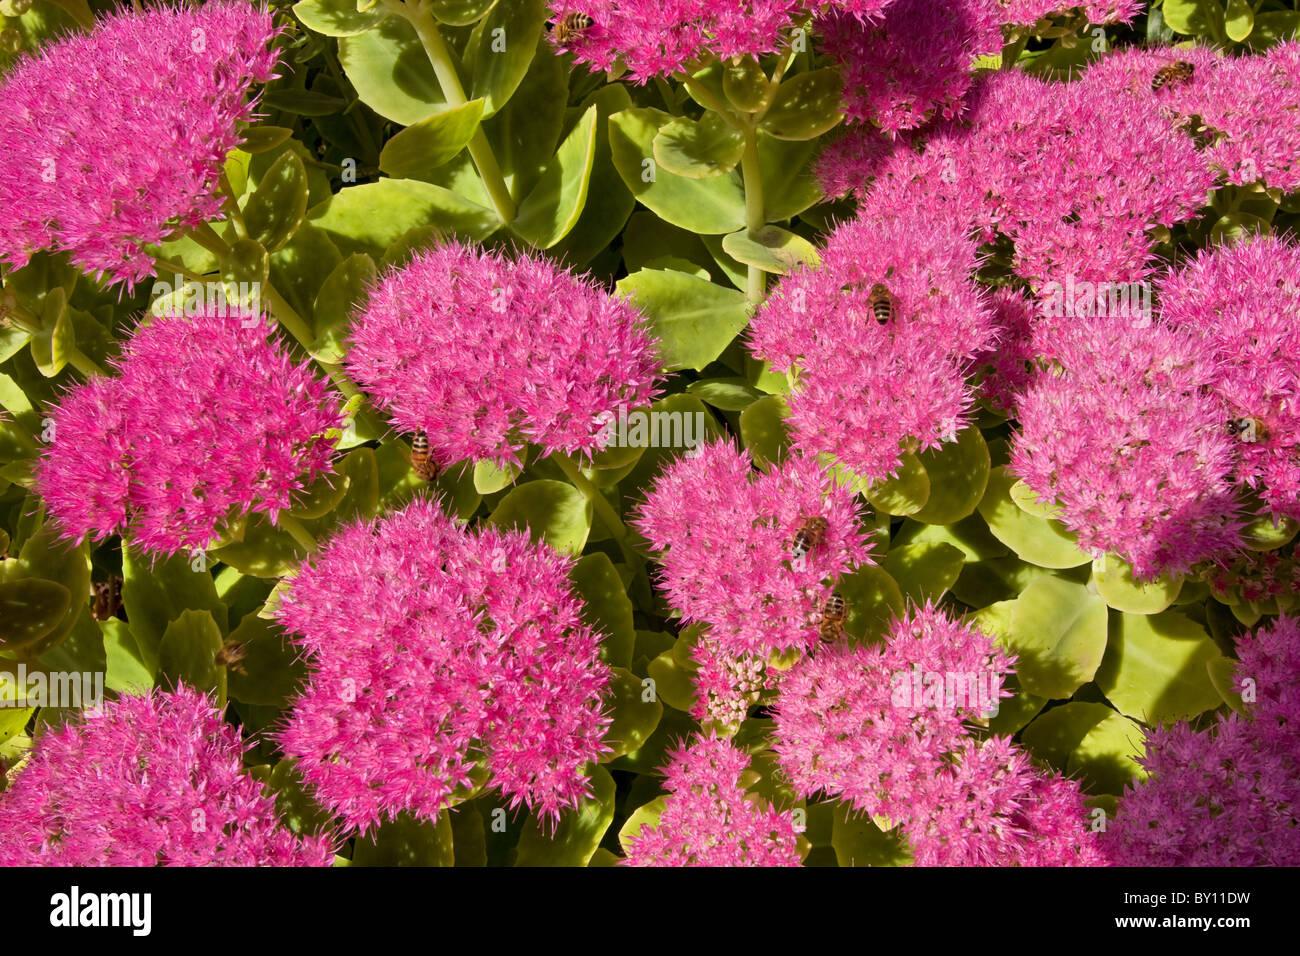 Sedum Spectabile Stock Photos Sedum Spectabile Stock Images Alamy